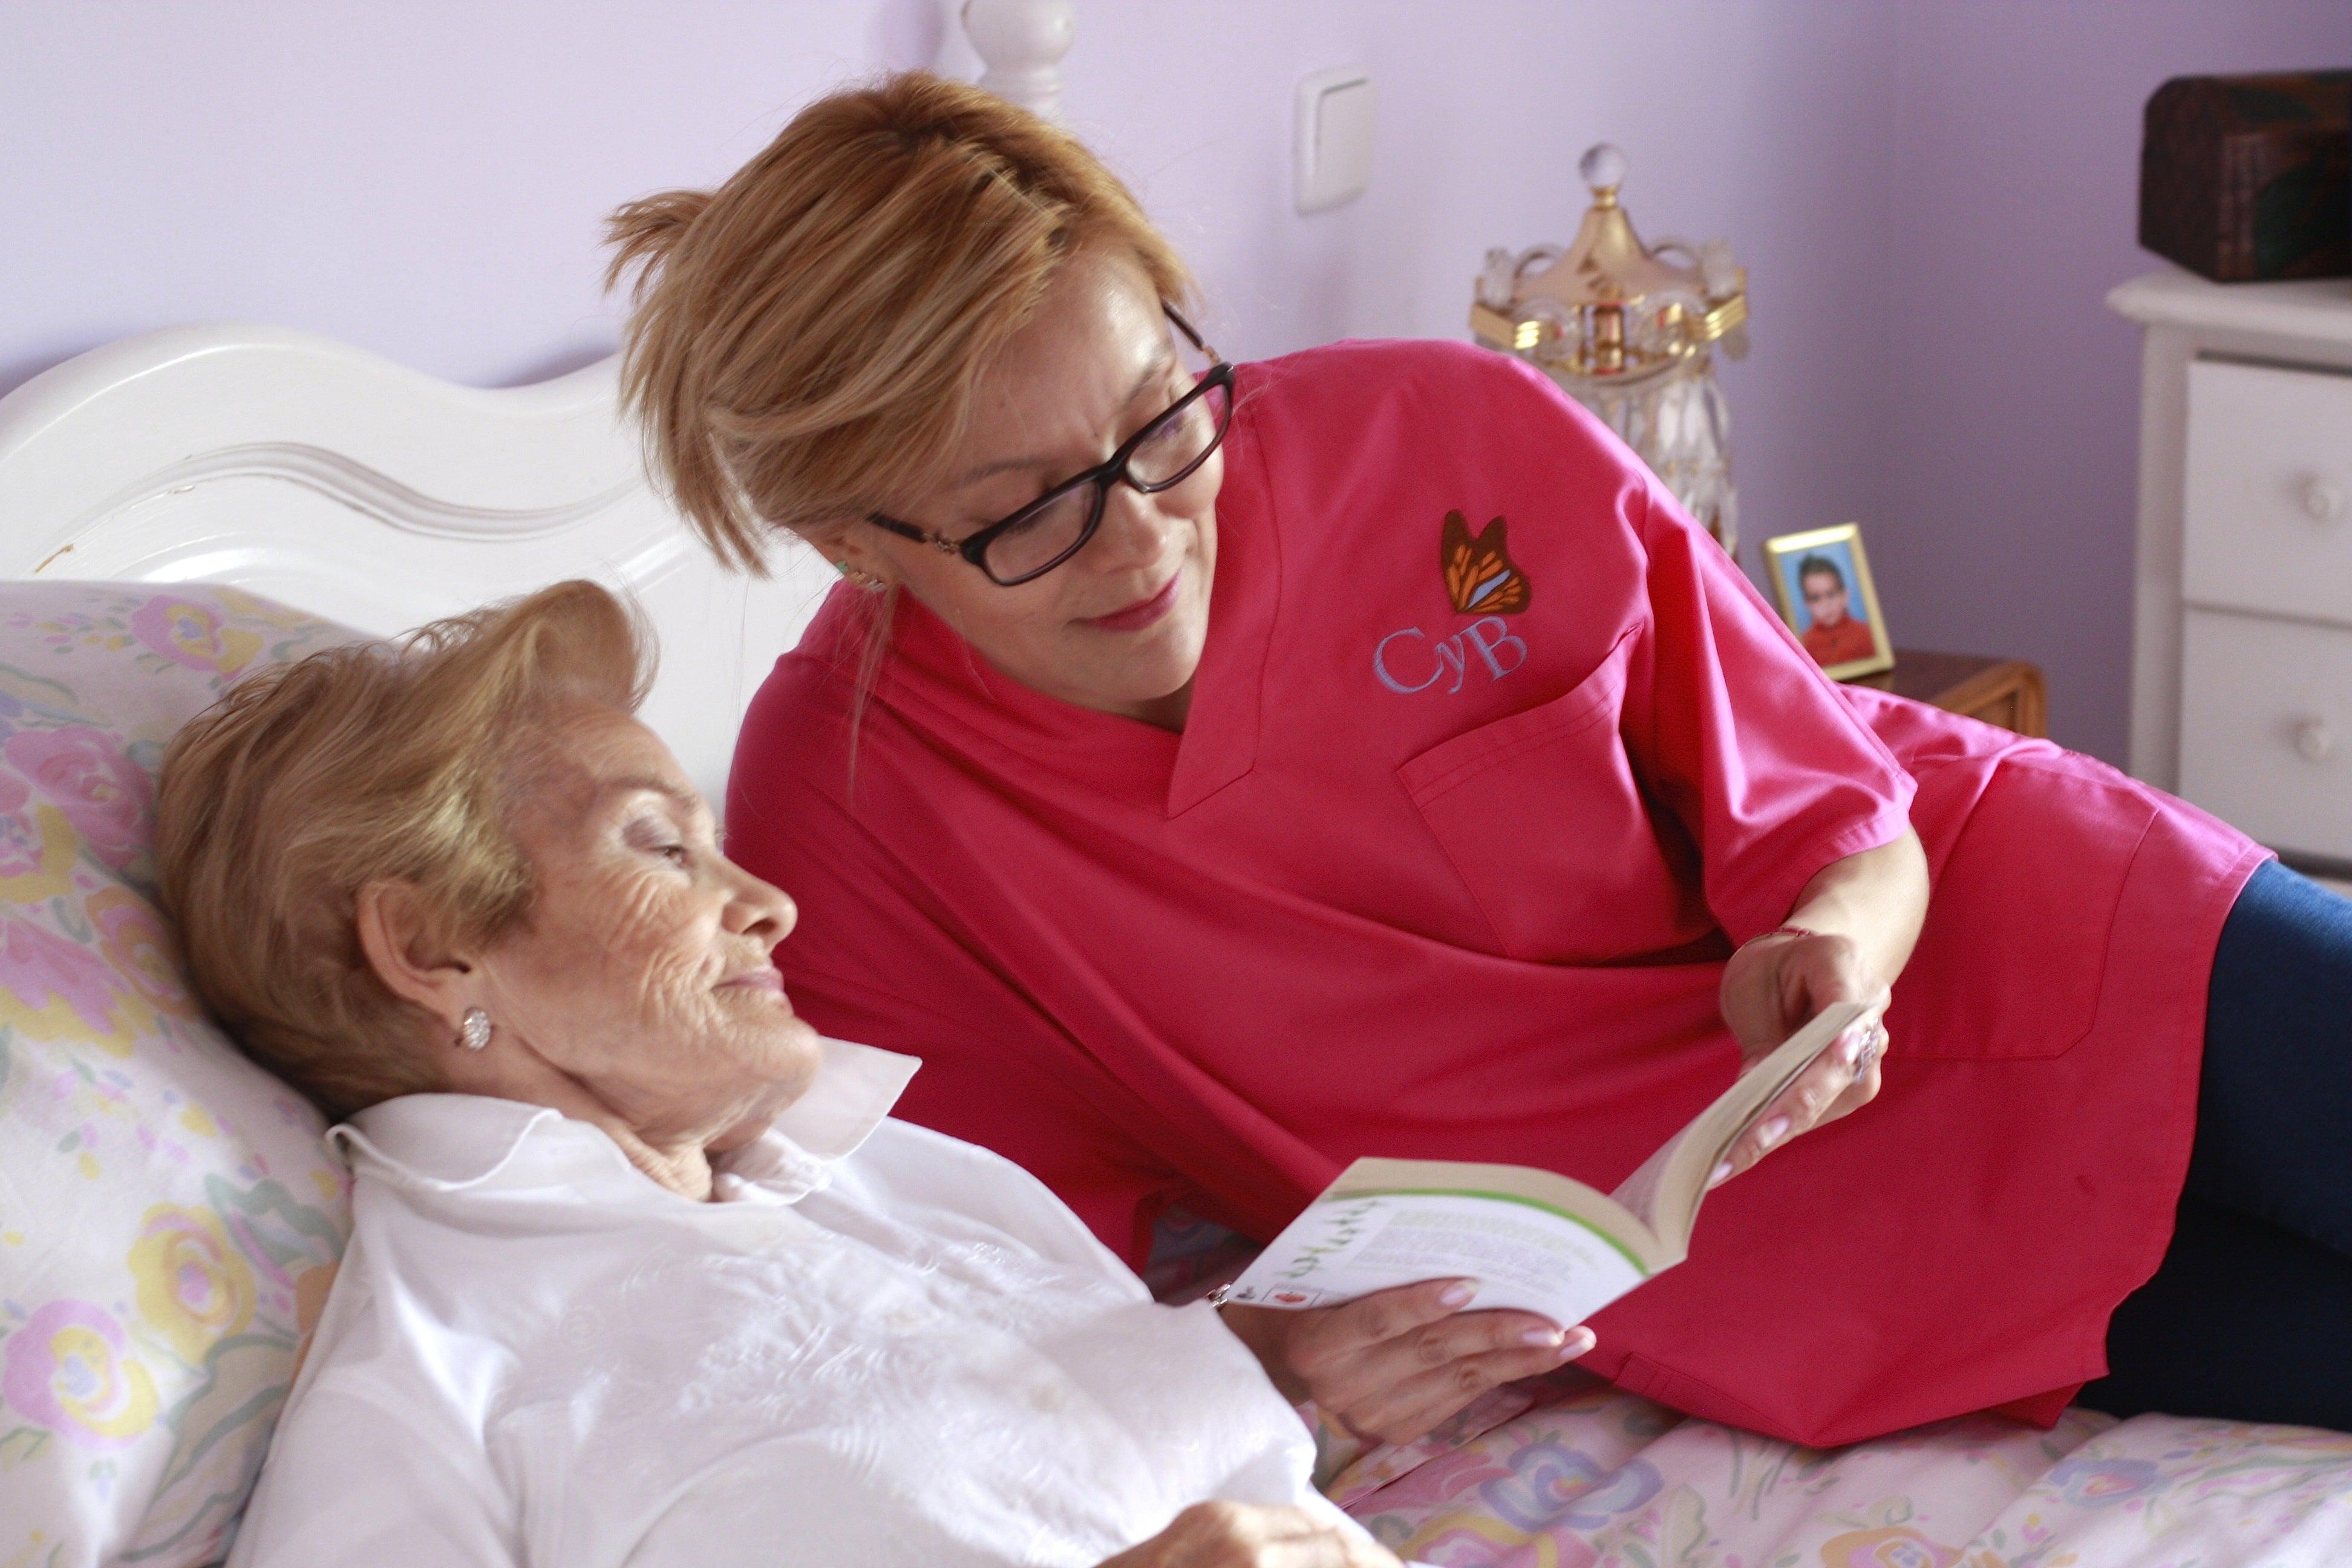 Como en casa en ningún sitio: La mejor atención domiciliaria para nuestros mayores - Ana Fernández y Cristina Sígler, expertas en cuidado de ancianos a domicilio en Madrid.